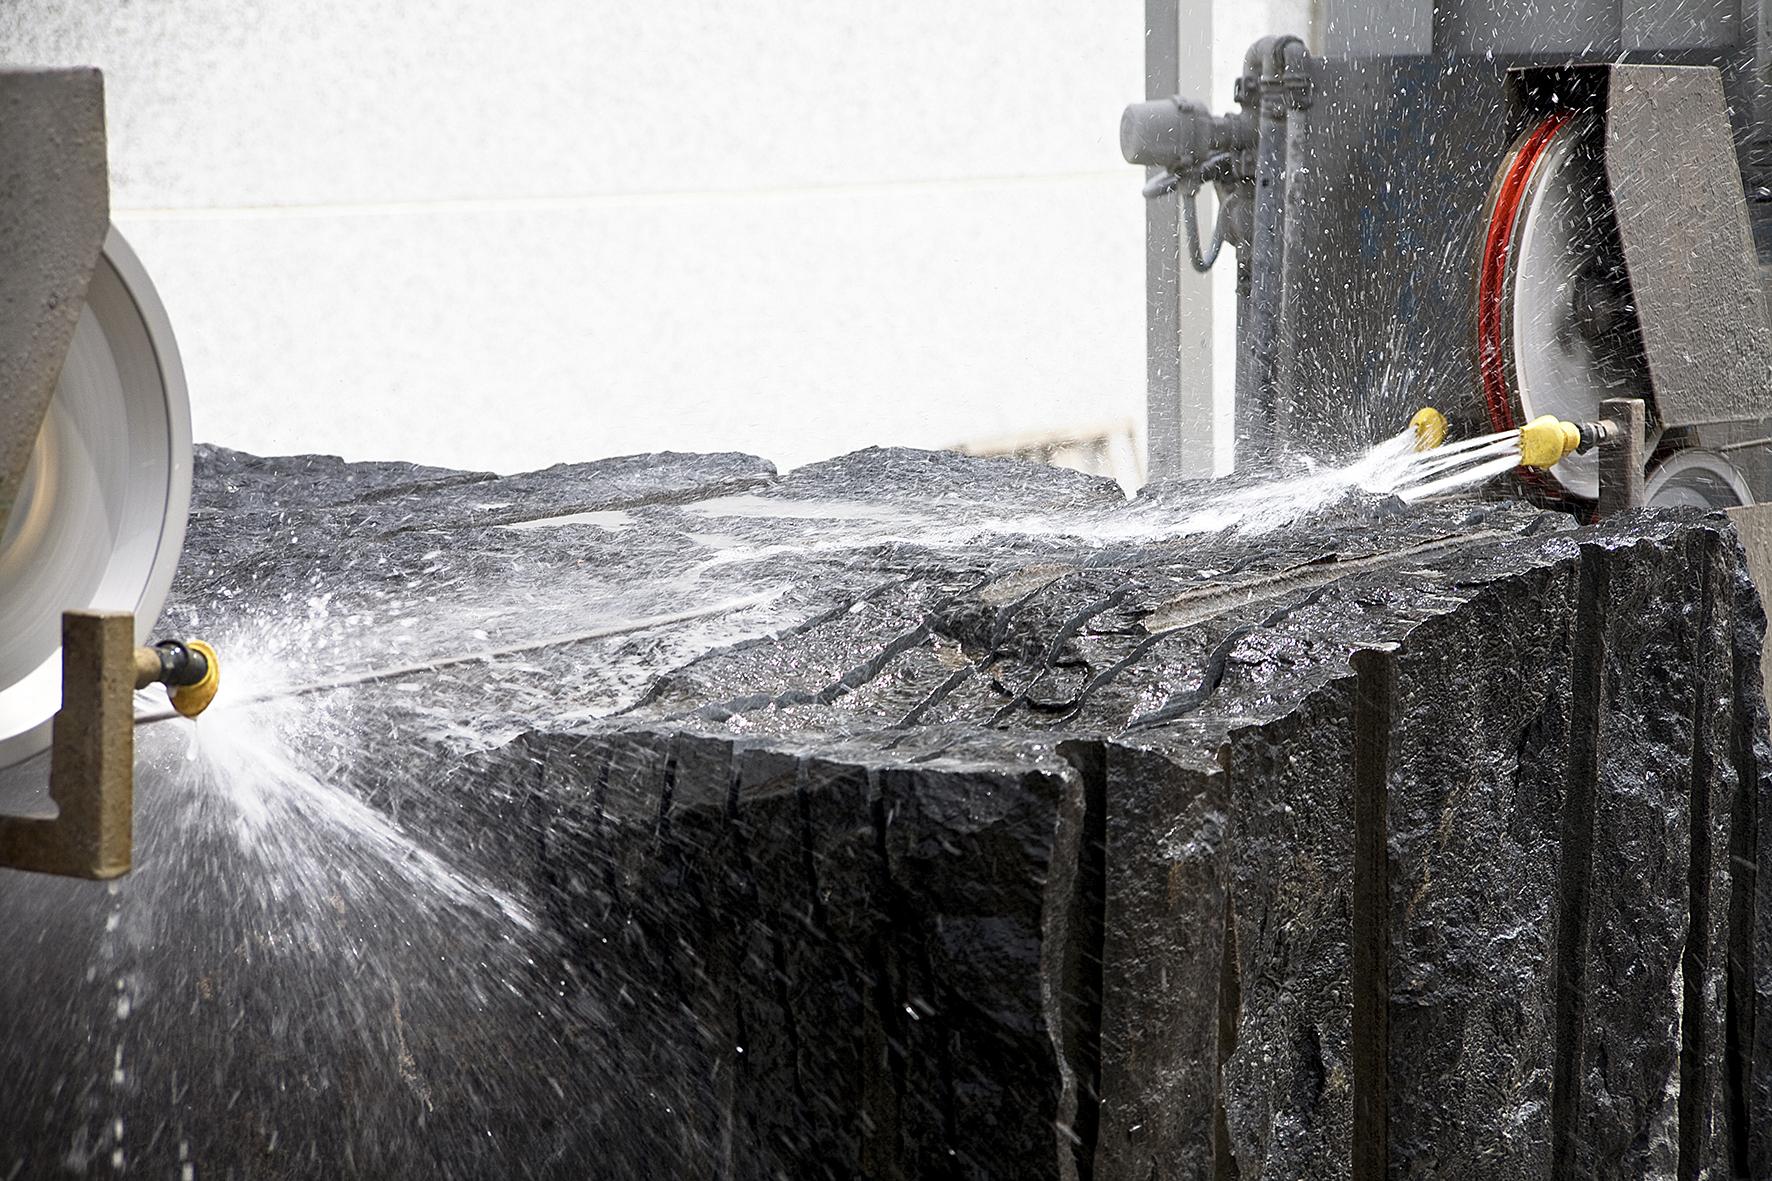 Eine Steinplatte wird mit Wasser bearbeitet und geschnitten